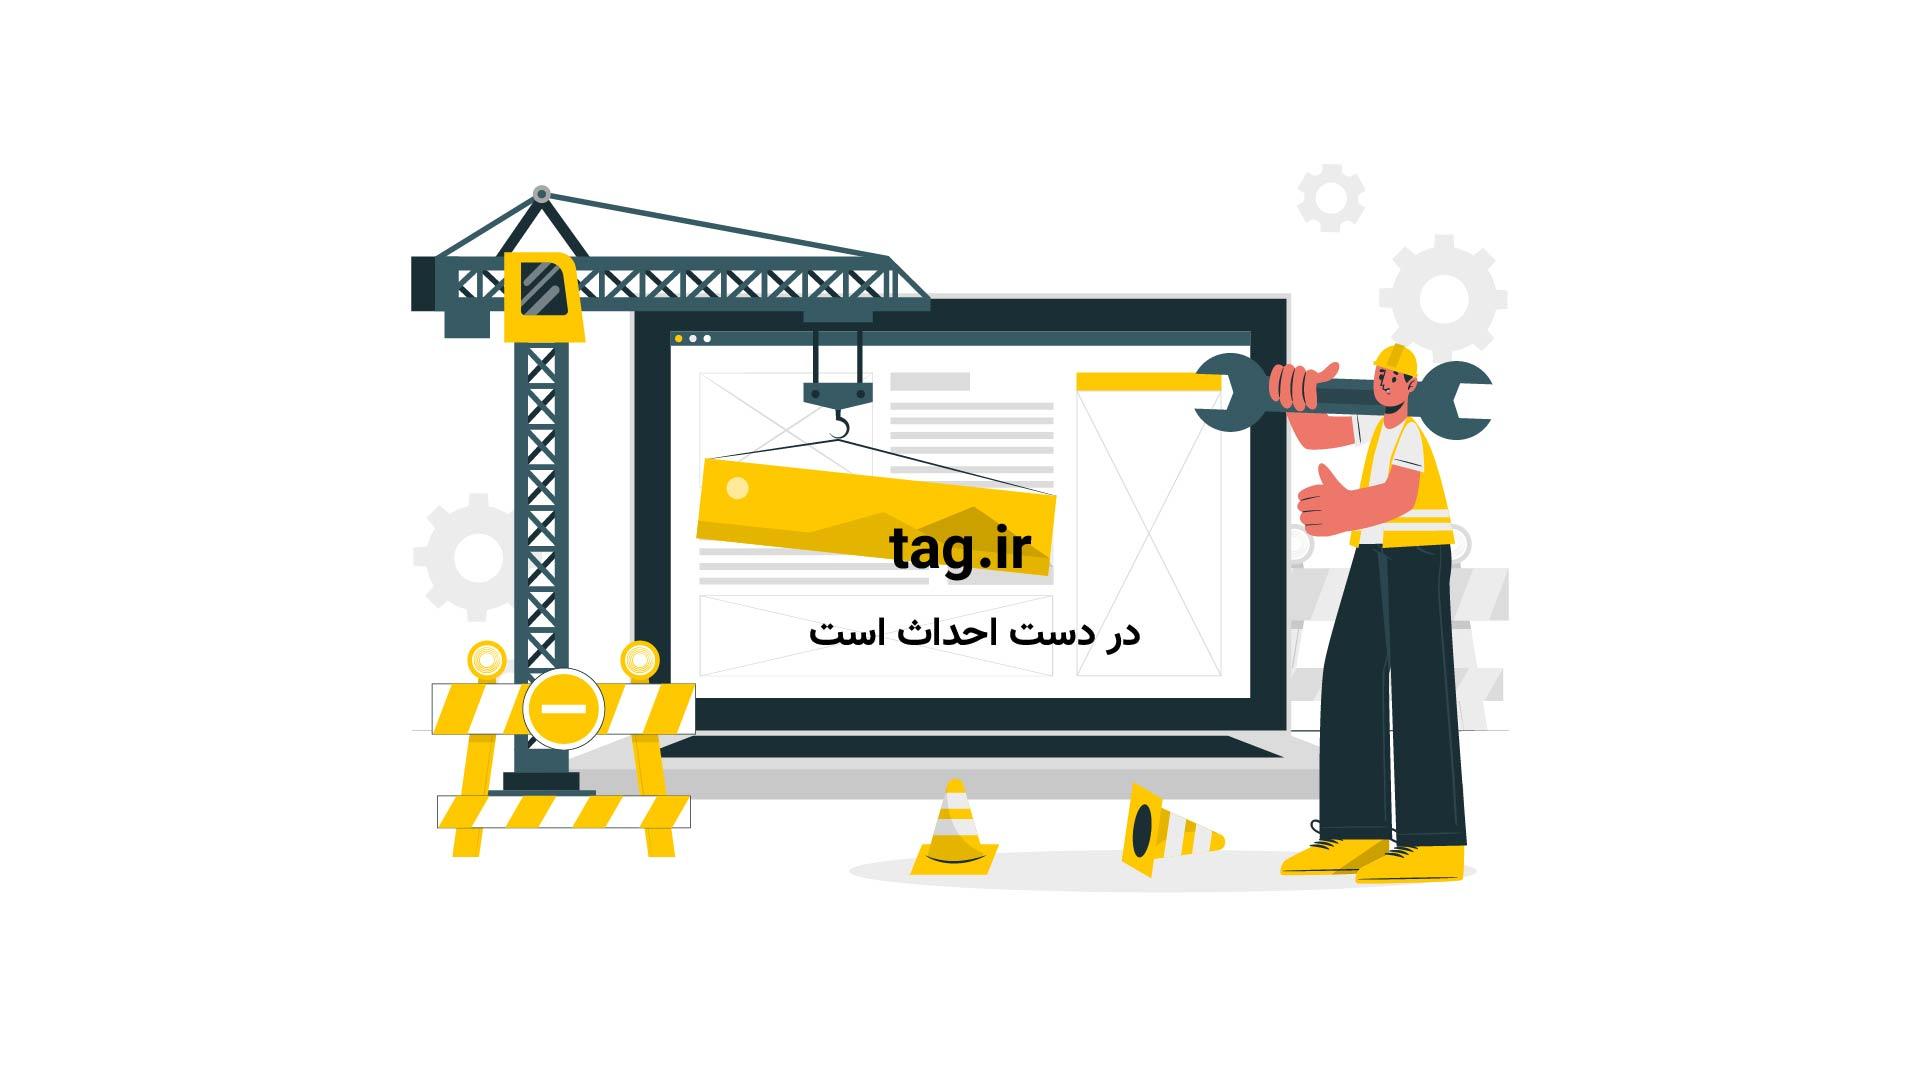 آموزش تهیه کیک سیب زمینی و بیکن پنیری | فیلم